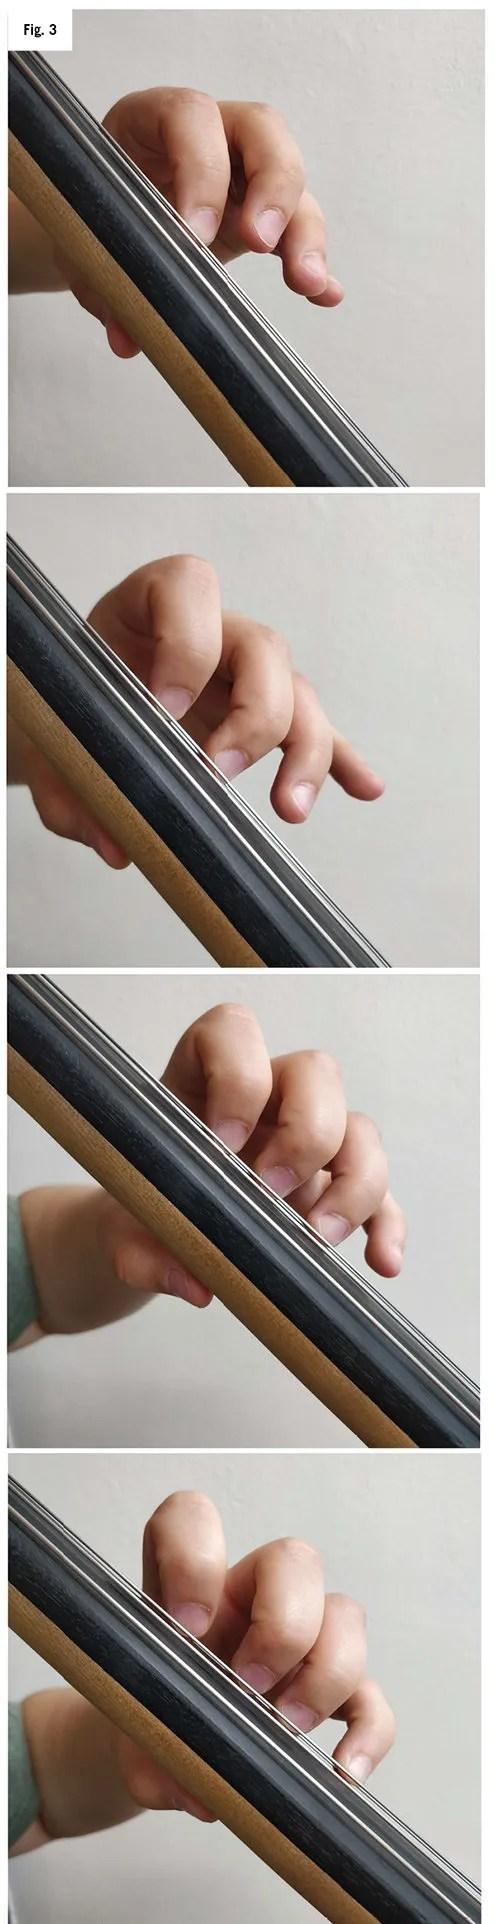 cello pronation technique